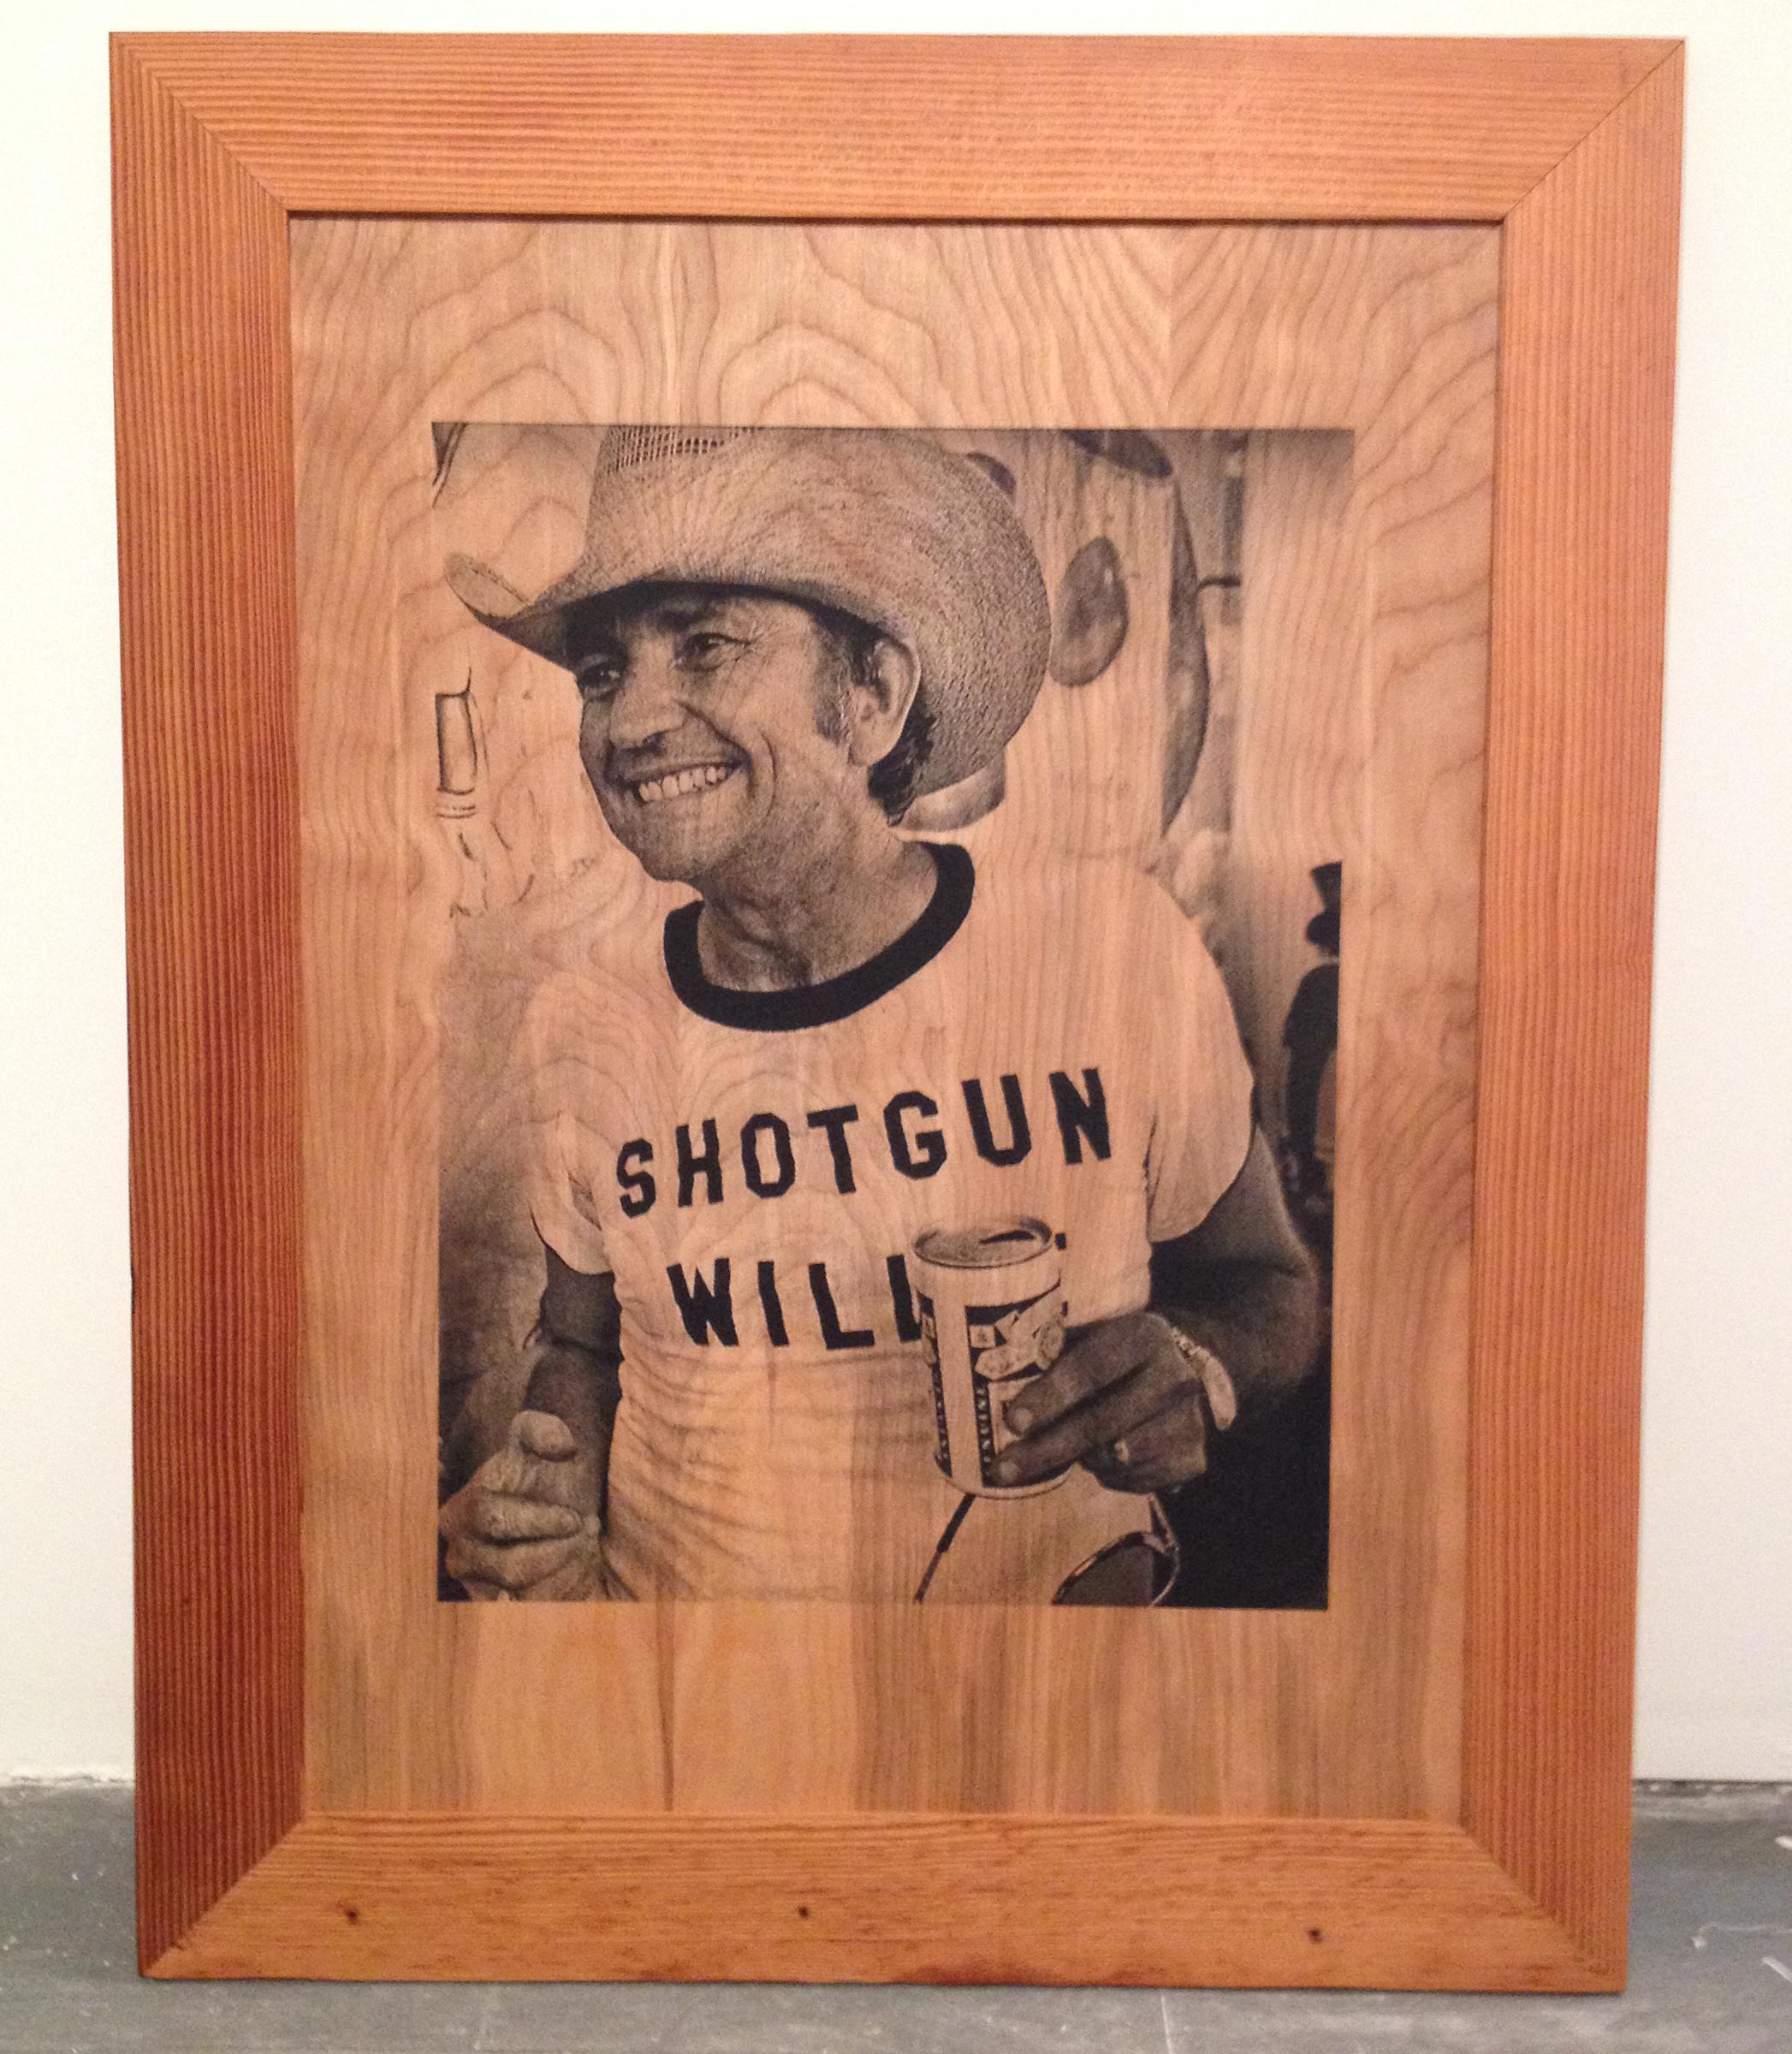 Willie on Wood.jpg